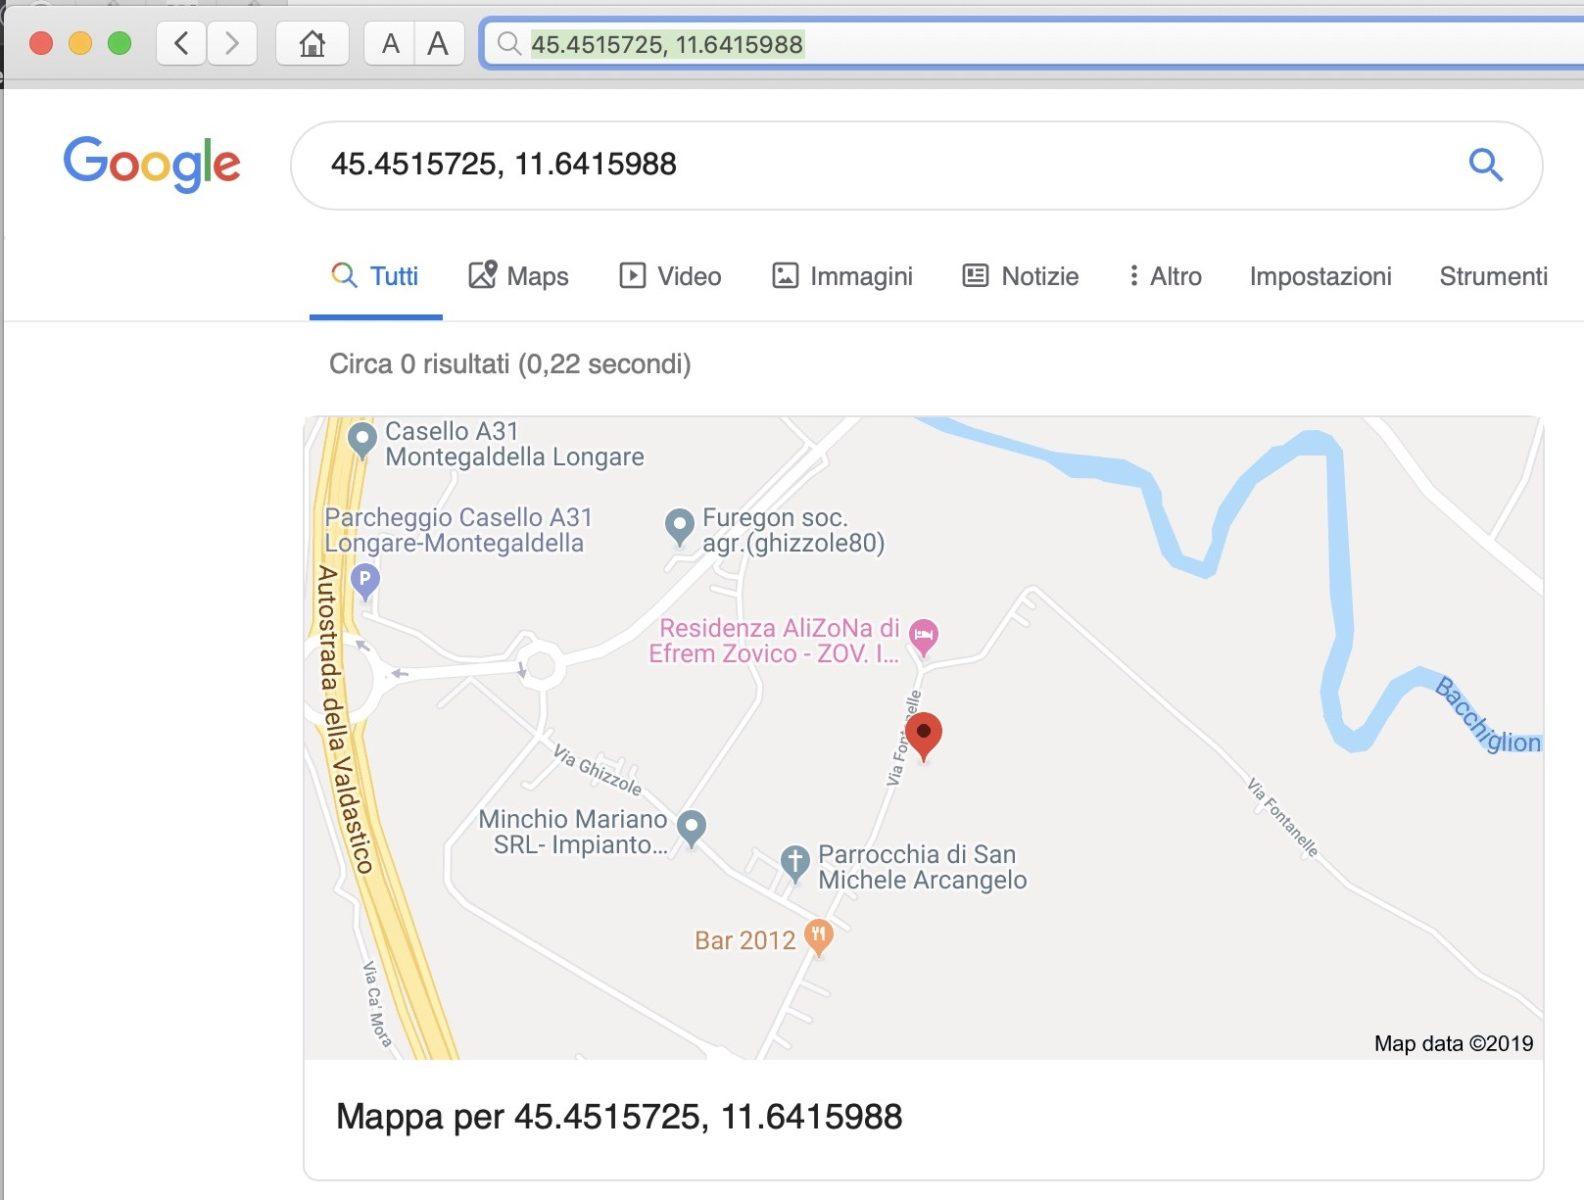 Come segnalare la propria posizione con un SMS e senza connessione dati su iPhone e Android